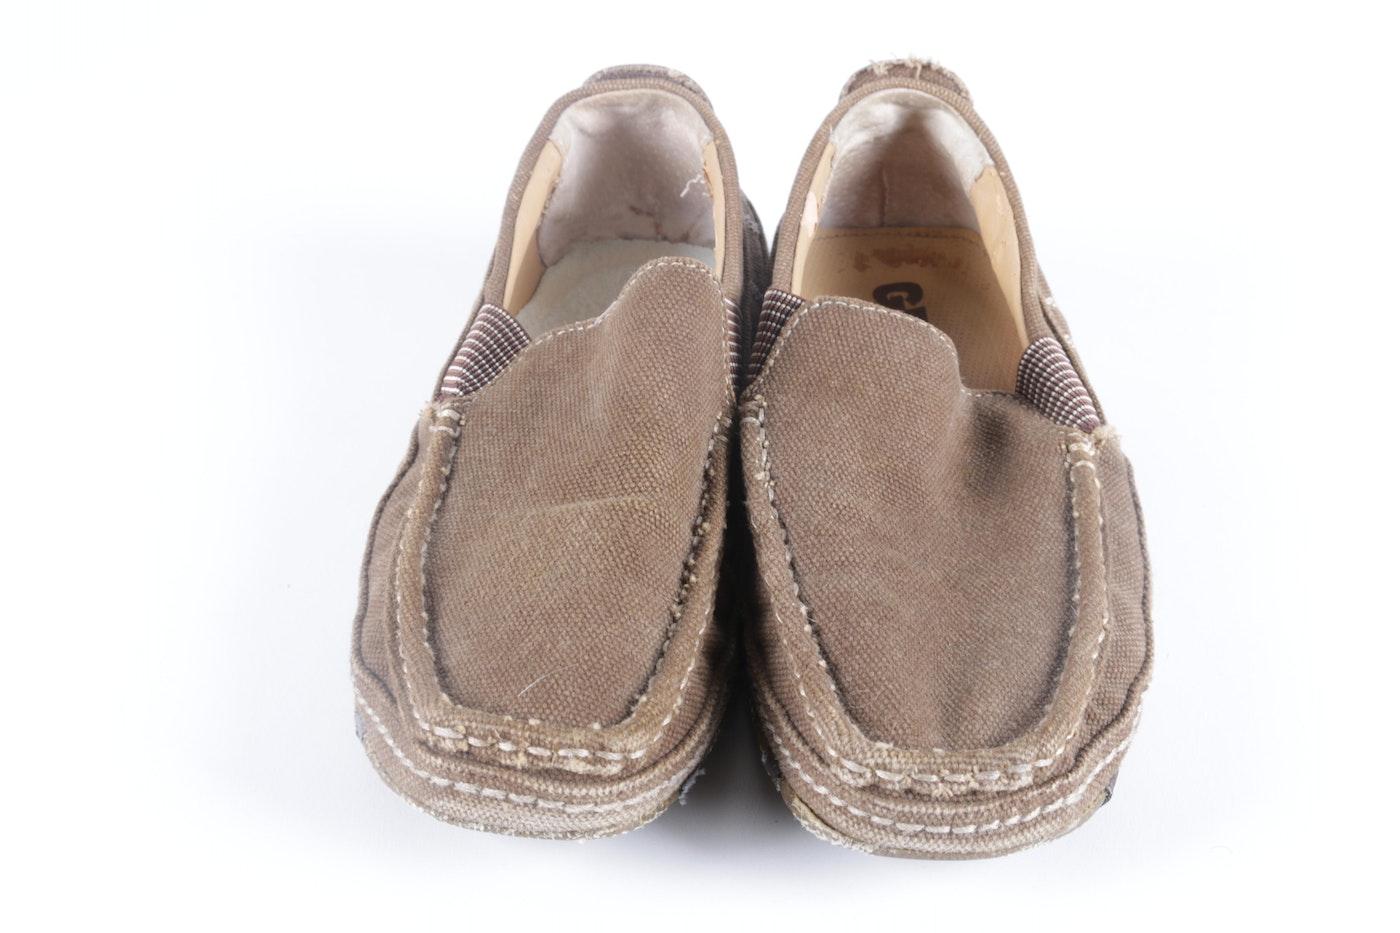 Sketchers Men S Shoes Size  W